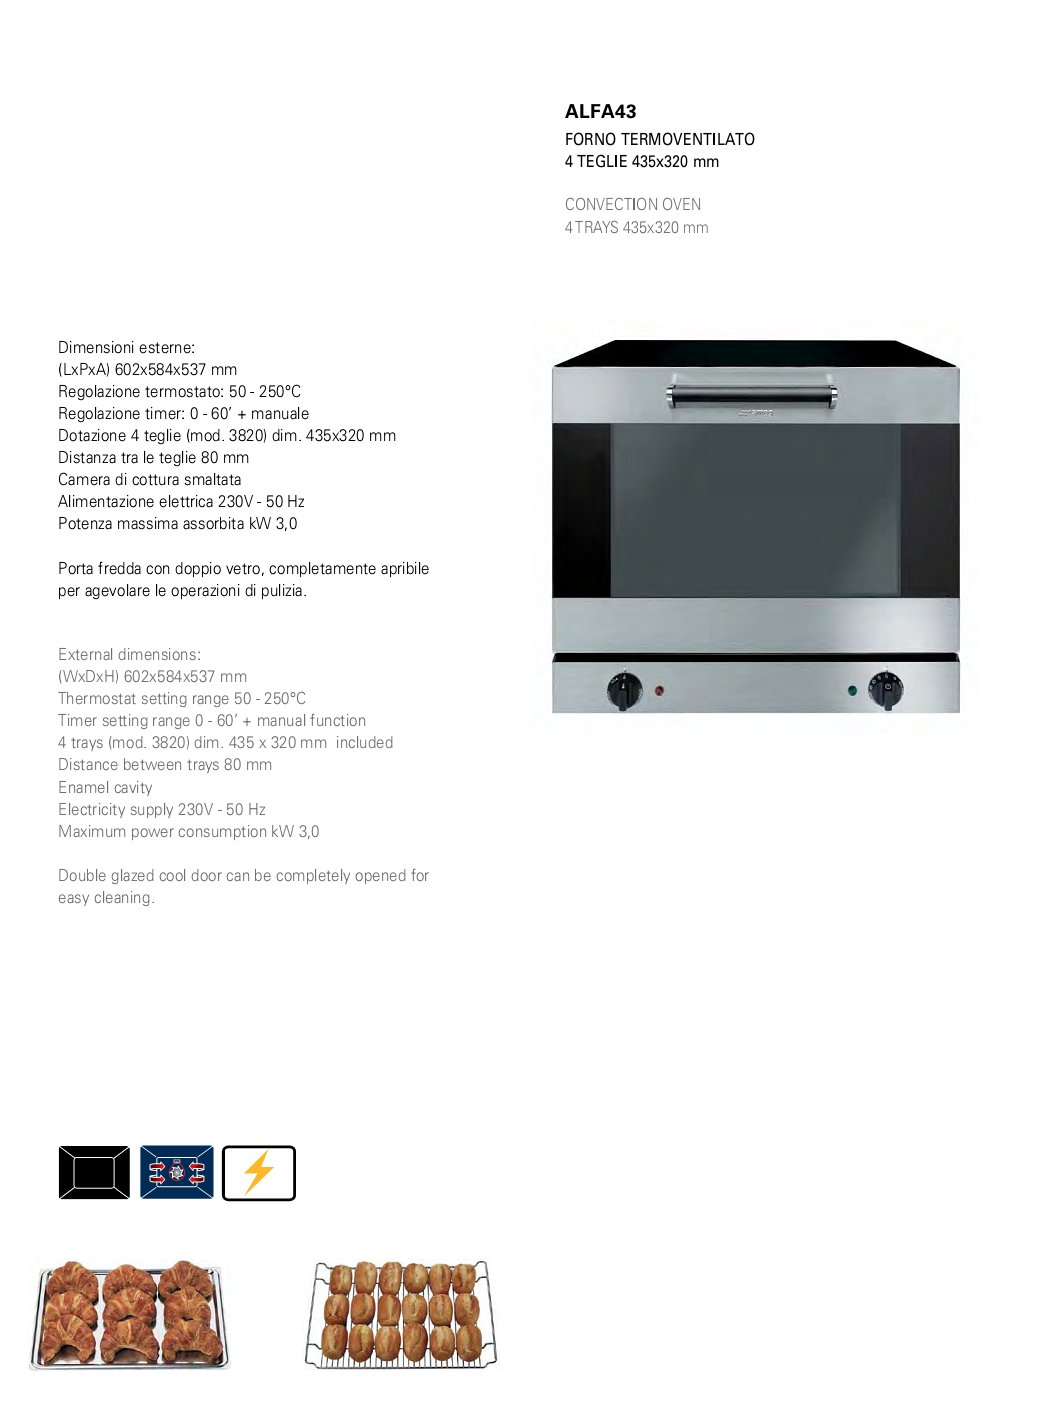 Forno termoventilato Smeg Alfa 43X - Attrezzature ed Arredamenti per ...